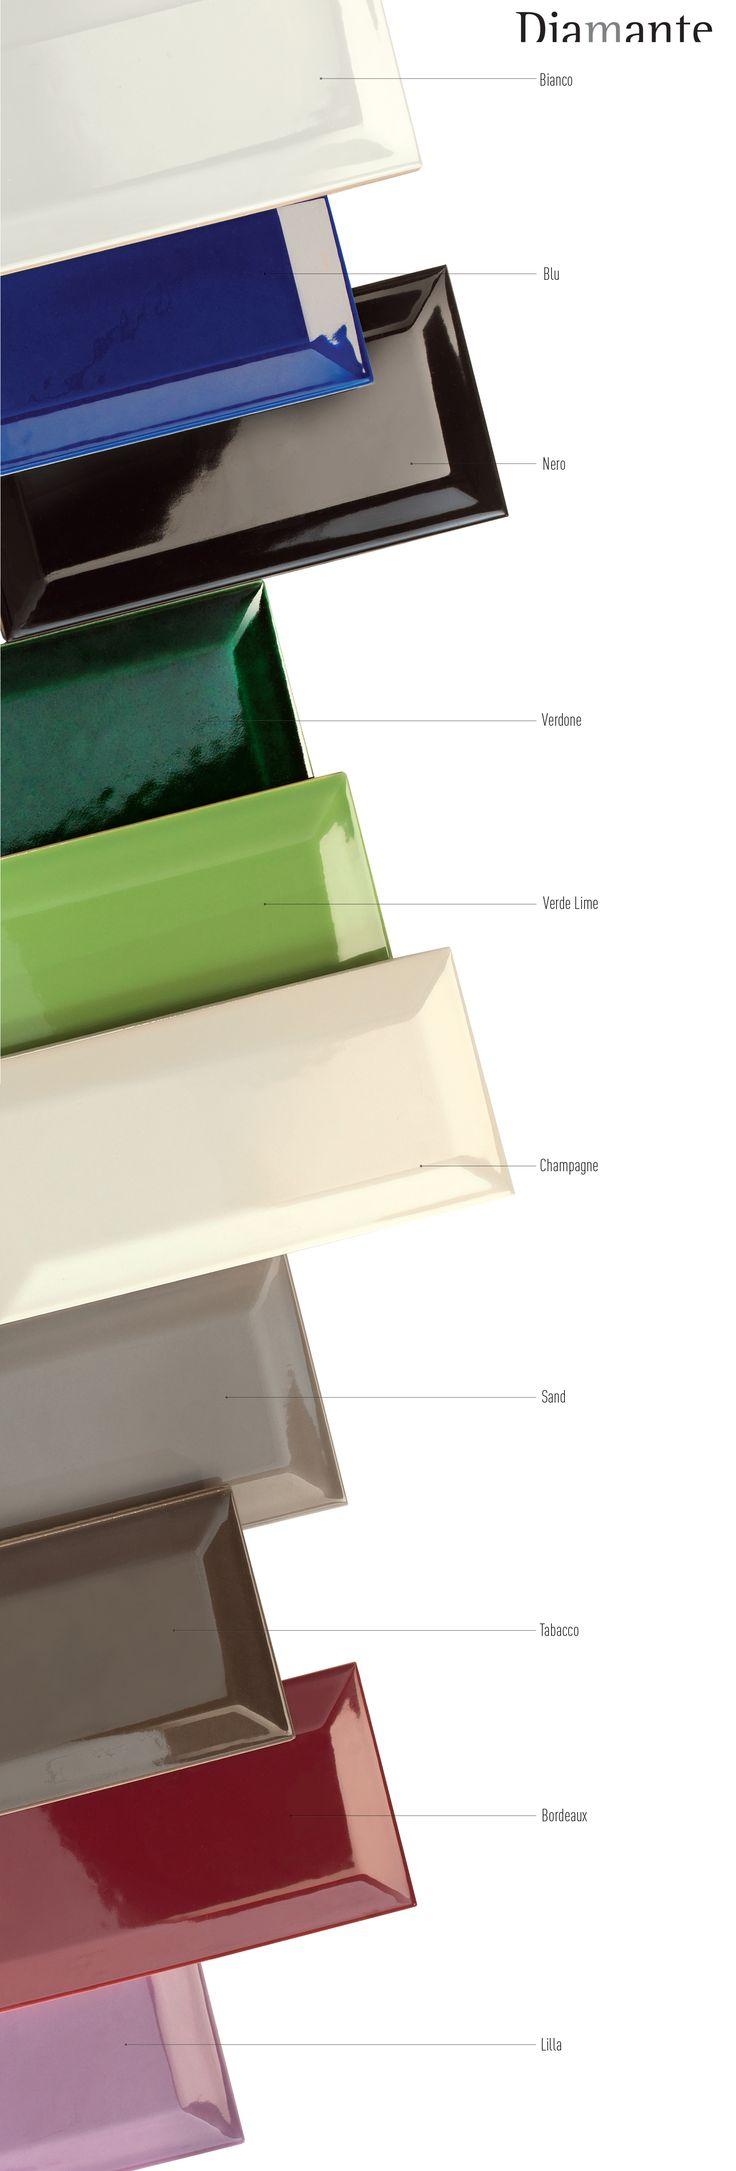 #Tonalite #Diamante #Tiles #Piastrelle #Azulejos #Carreaux #Beveled Tiles #Metro Tiles #Subway Tiles #Backsplash Tiles #Wall Tiles #Floor Tiles